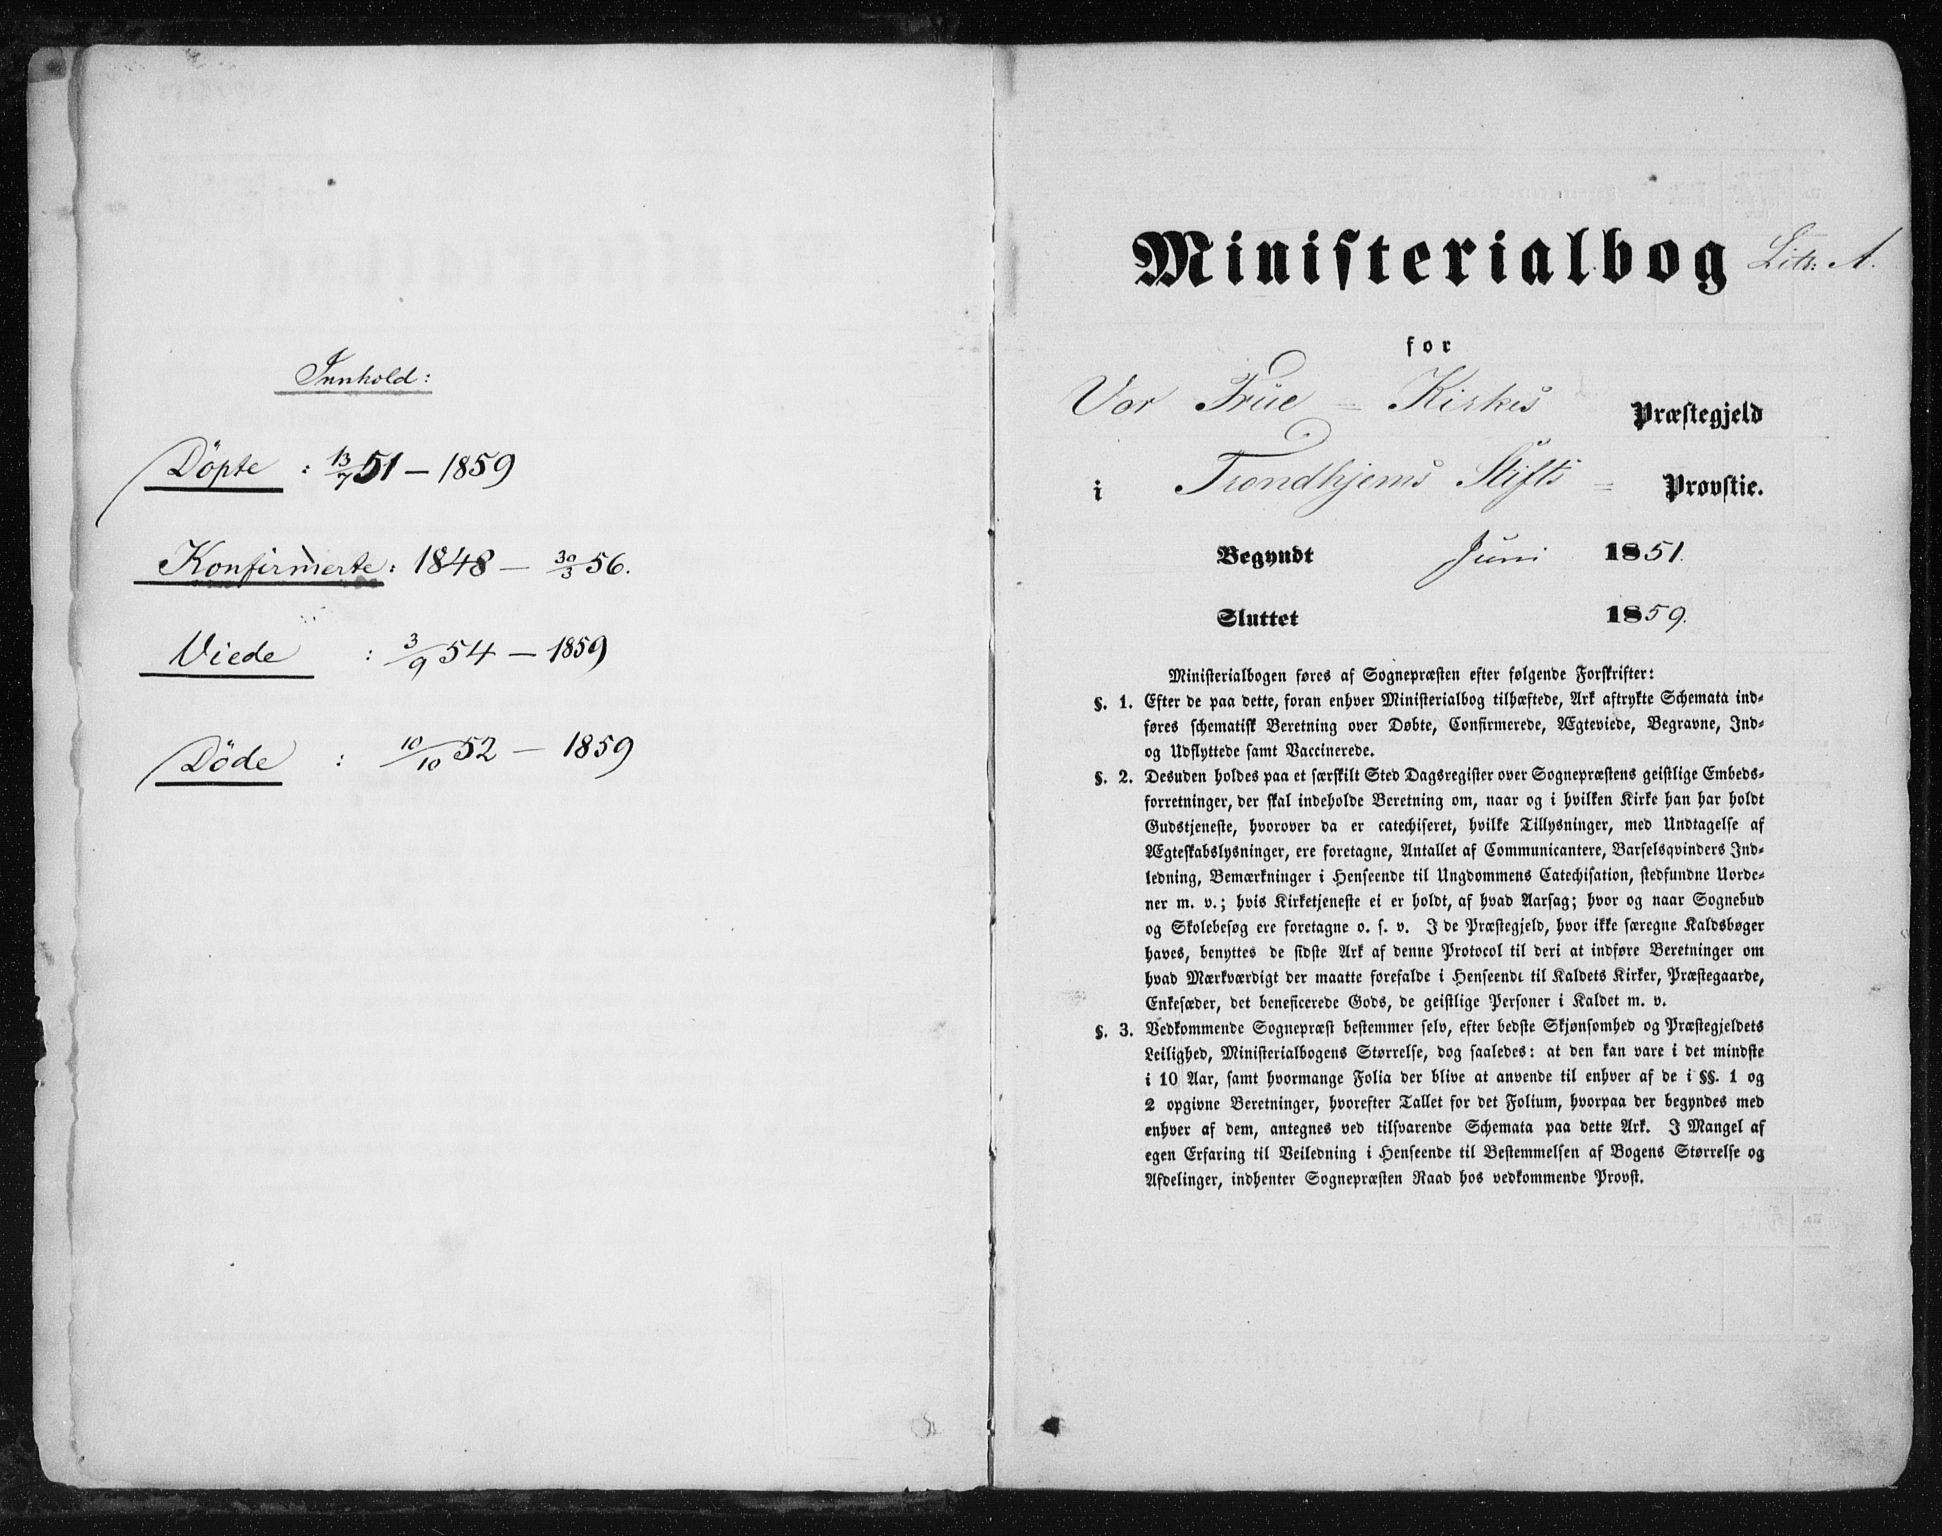 SAT, Ministerialprotokoller, klokkerbøker og fødselsregistre - Sør-Trøndelag, 602/L0112: Ministerialbok nr. 602A10, 1848-1859